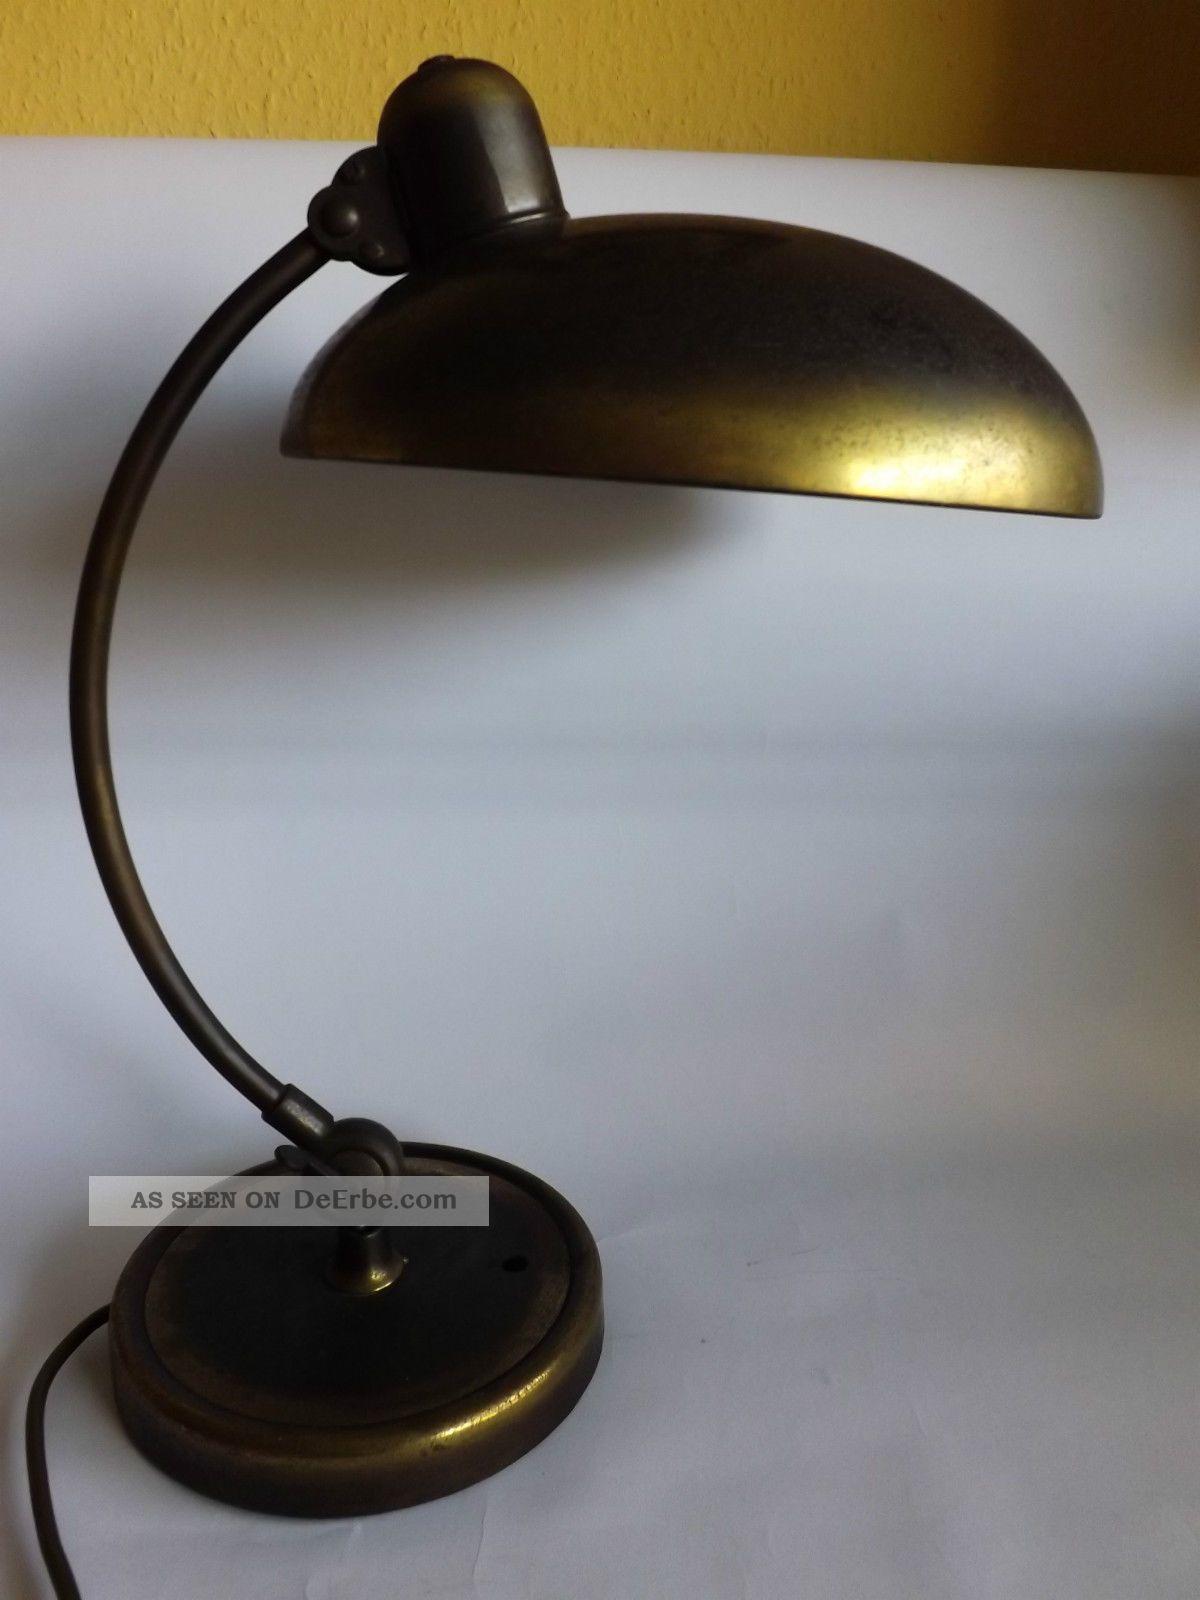 Exquisit Lampe Industriedesign Sammlung Von Schreibtischlampe Art Deco Metall Bild